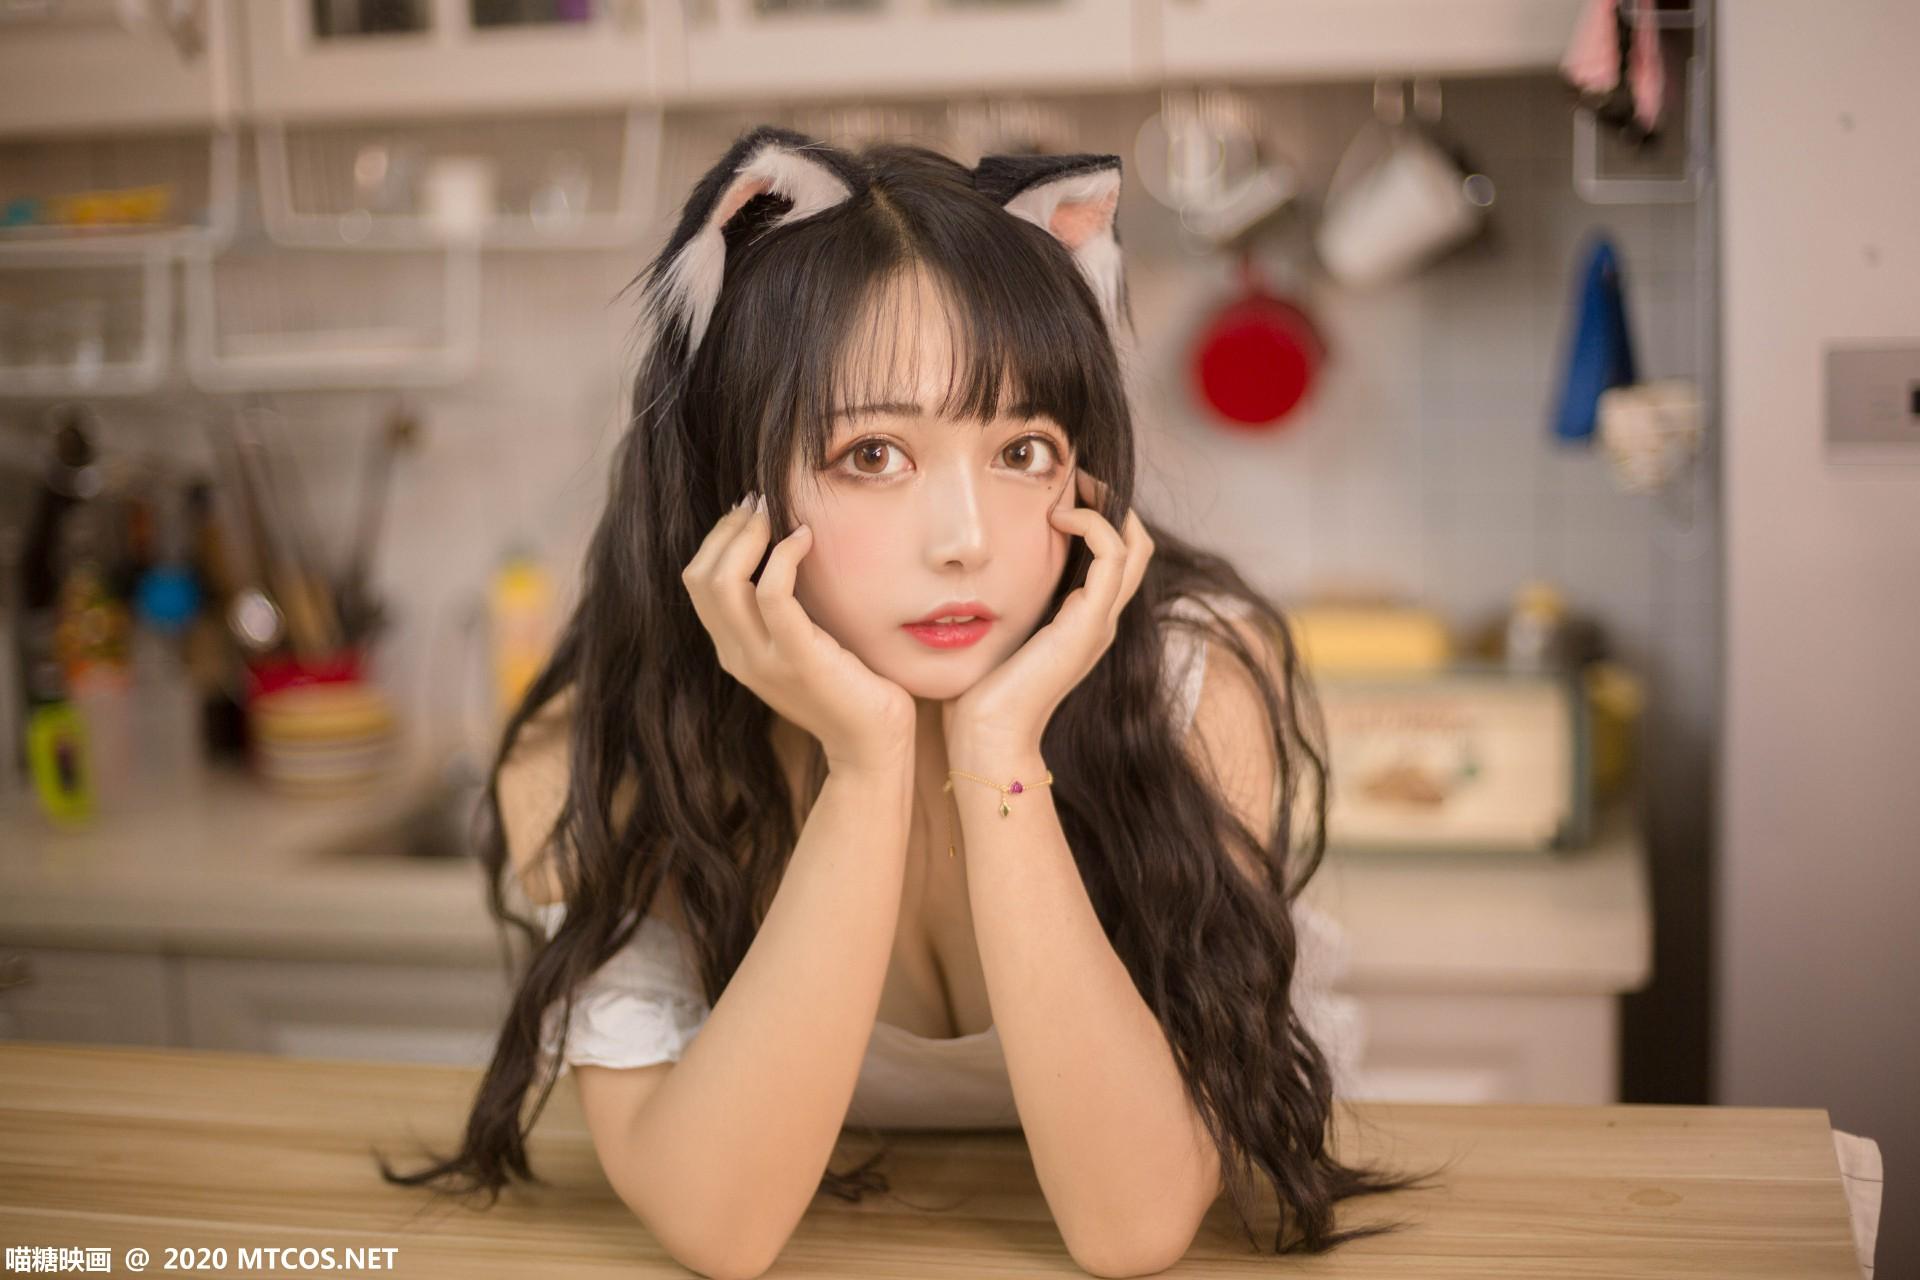 [喵糖映画] 2020.10.13 赏美系列 VOL.296 厨房猫娘 第2张